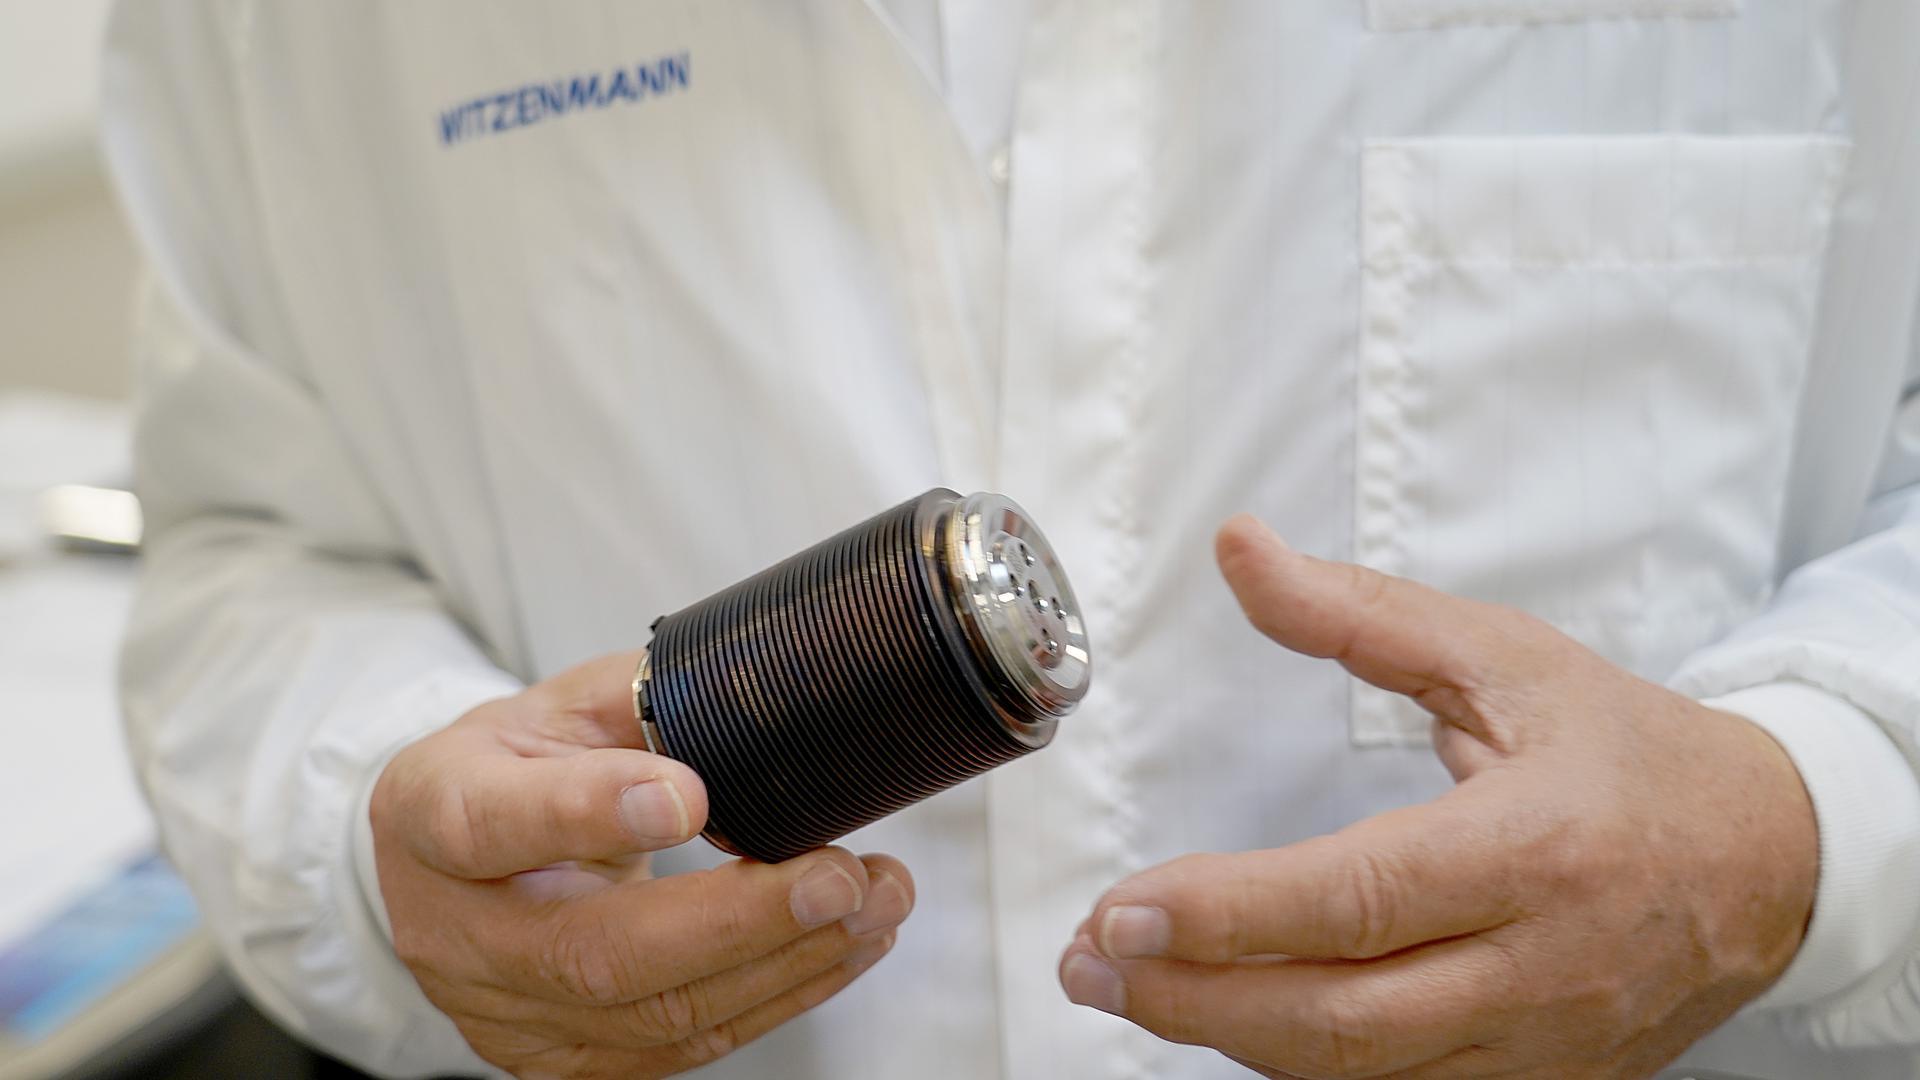 Das Foto zeigt einen Balg, Teil eines innovativen Druckspeichers, wie er für Stoßdämpfer von schweren E-Autos verwendet werden kann.